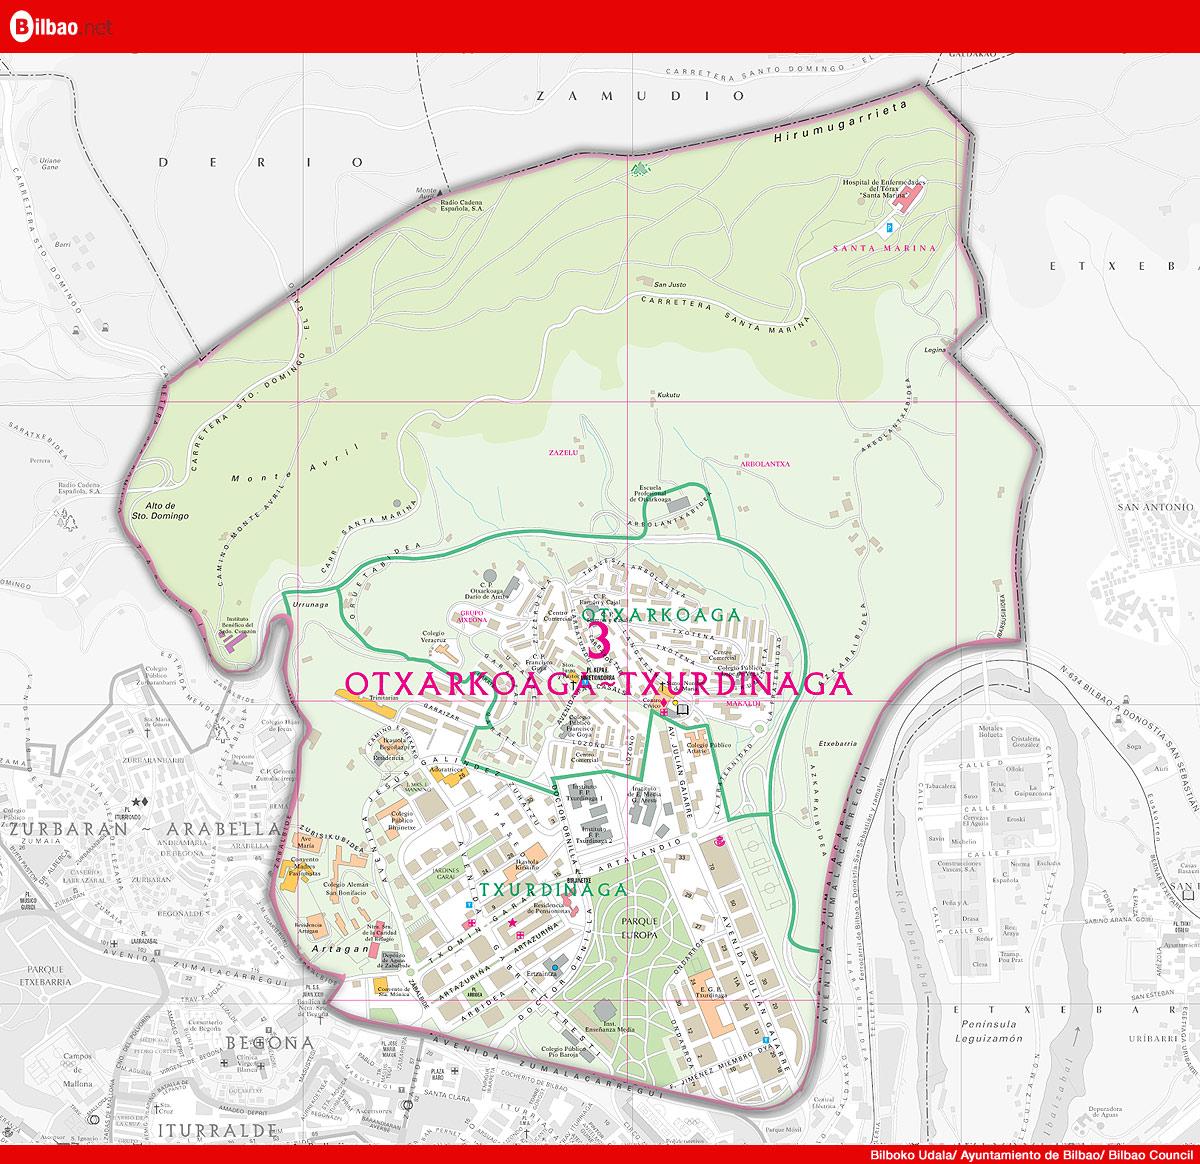 Otxarkoaga-Txurdinaga district